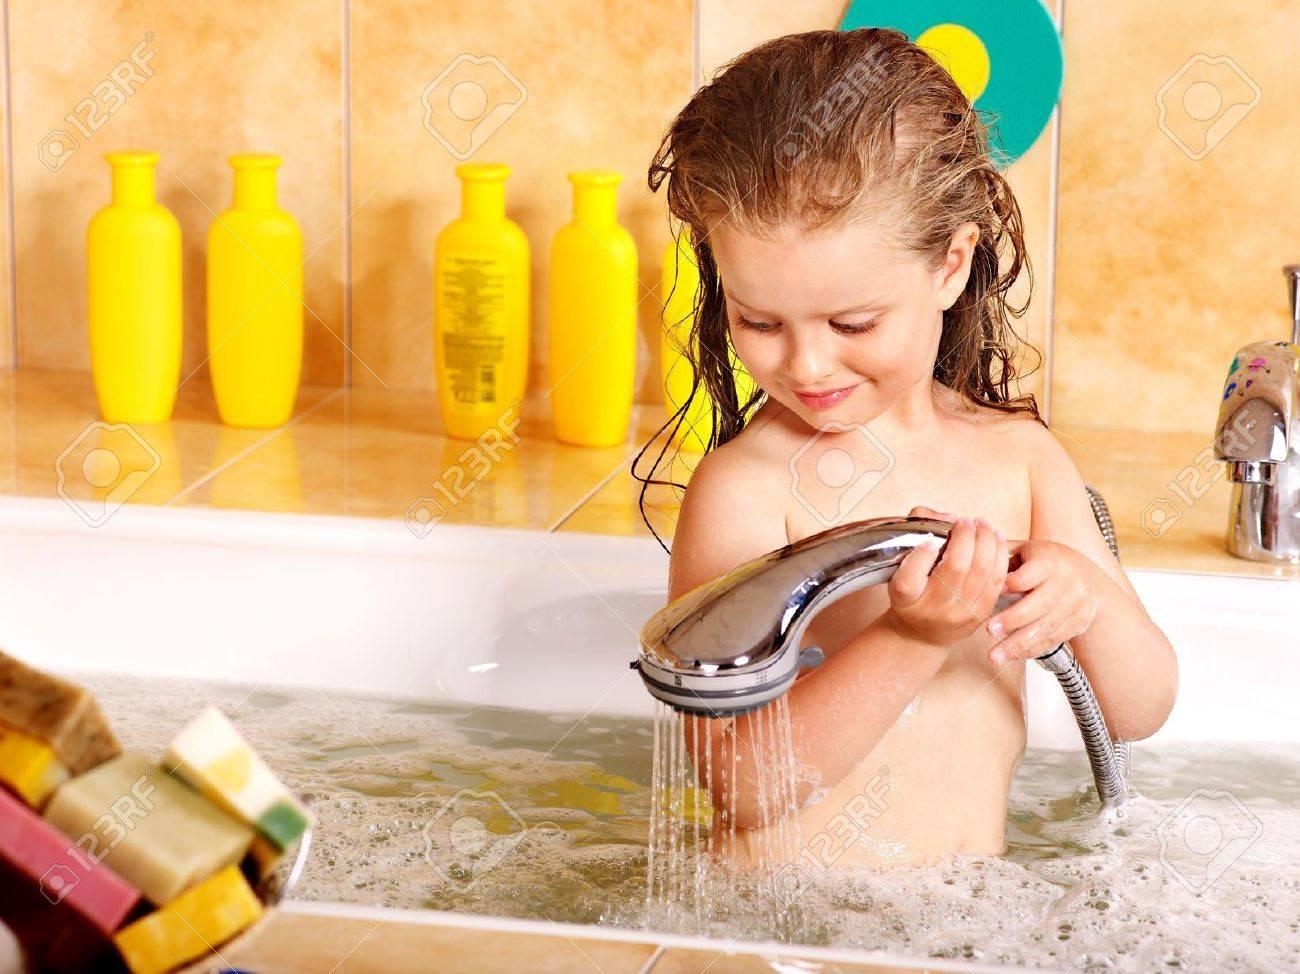 Фото купающихся девочек 1 фотография